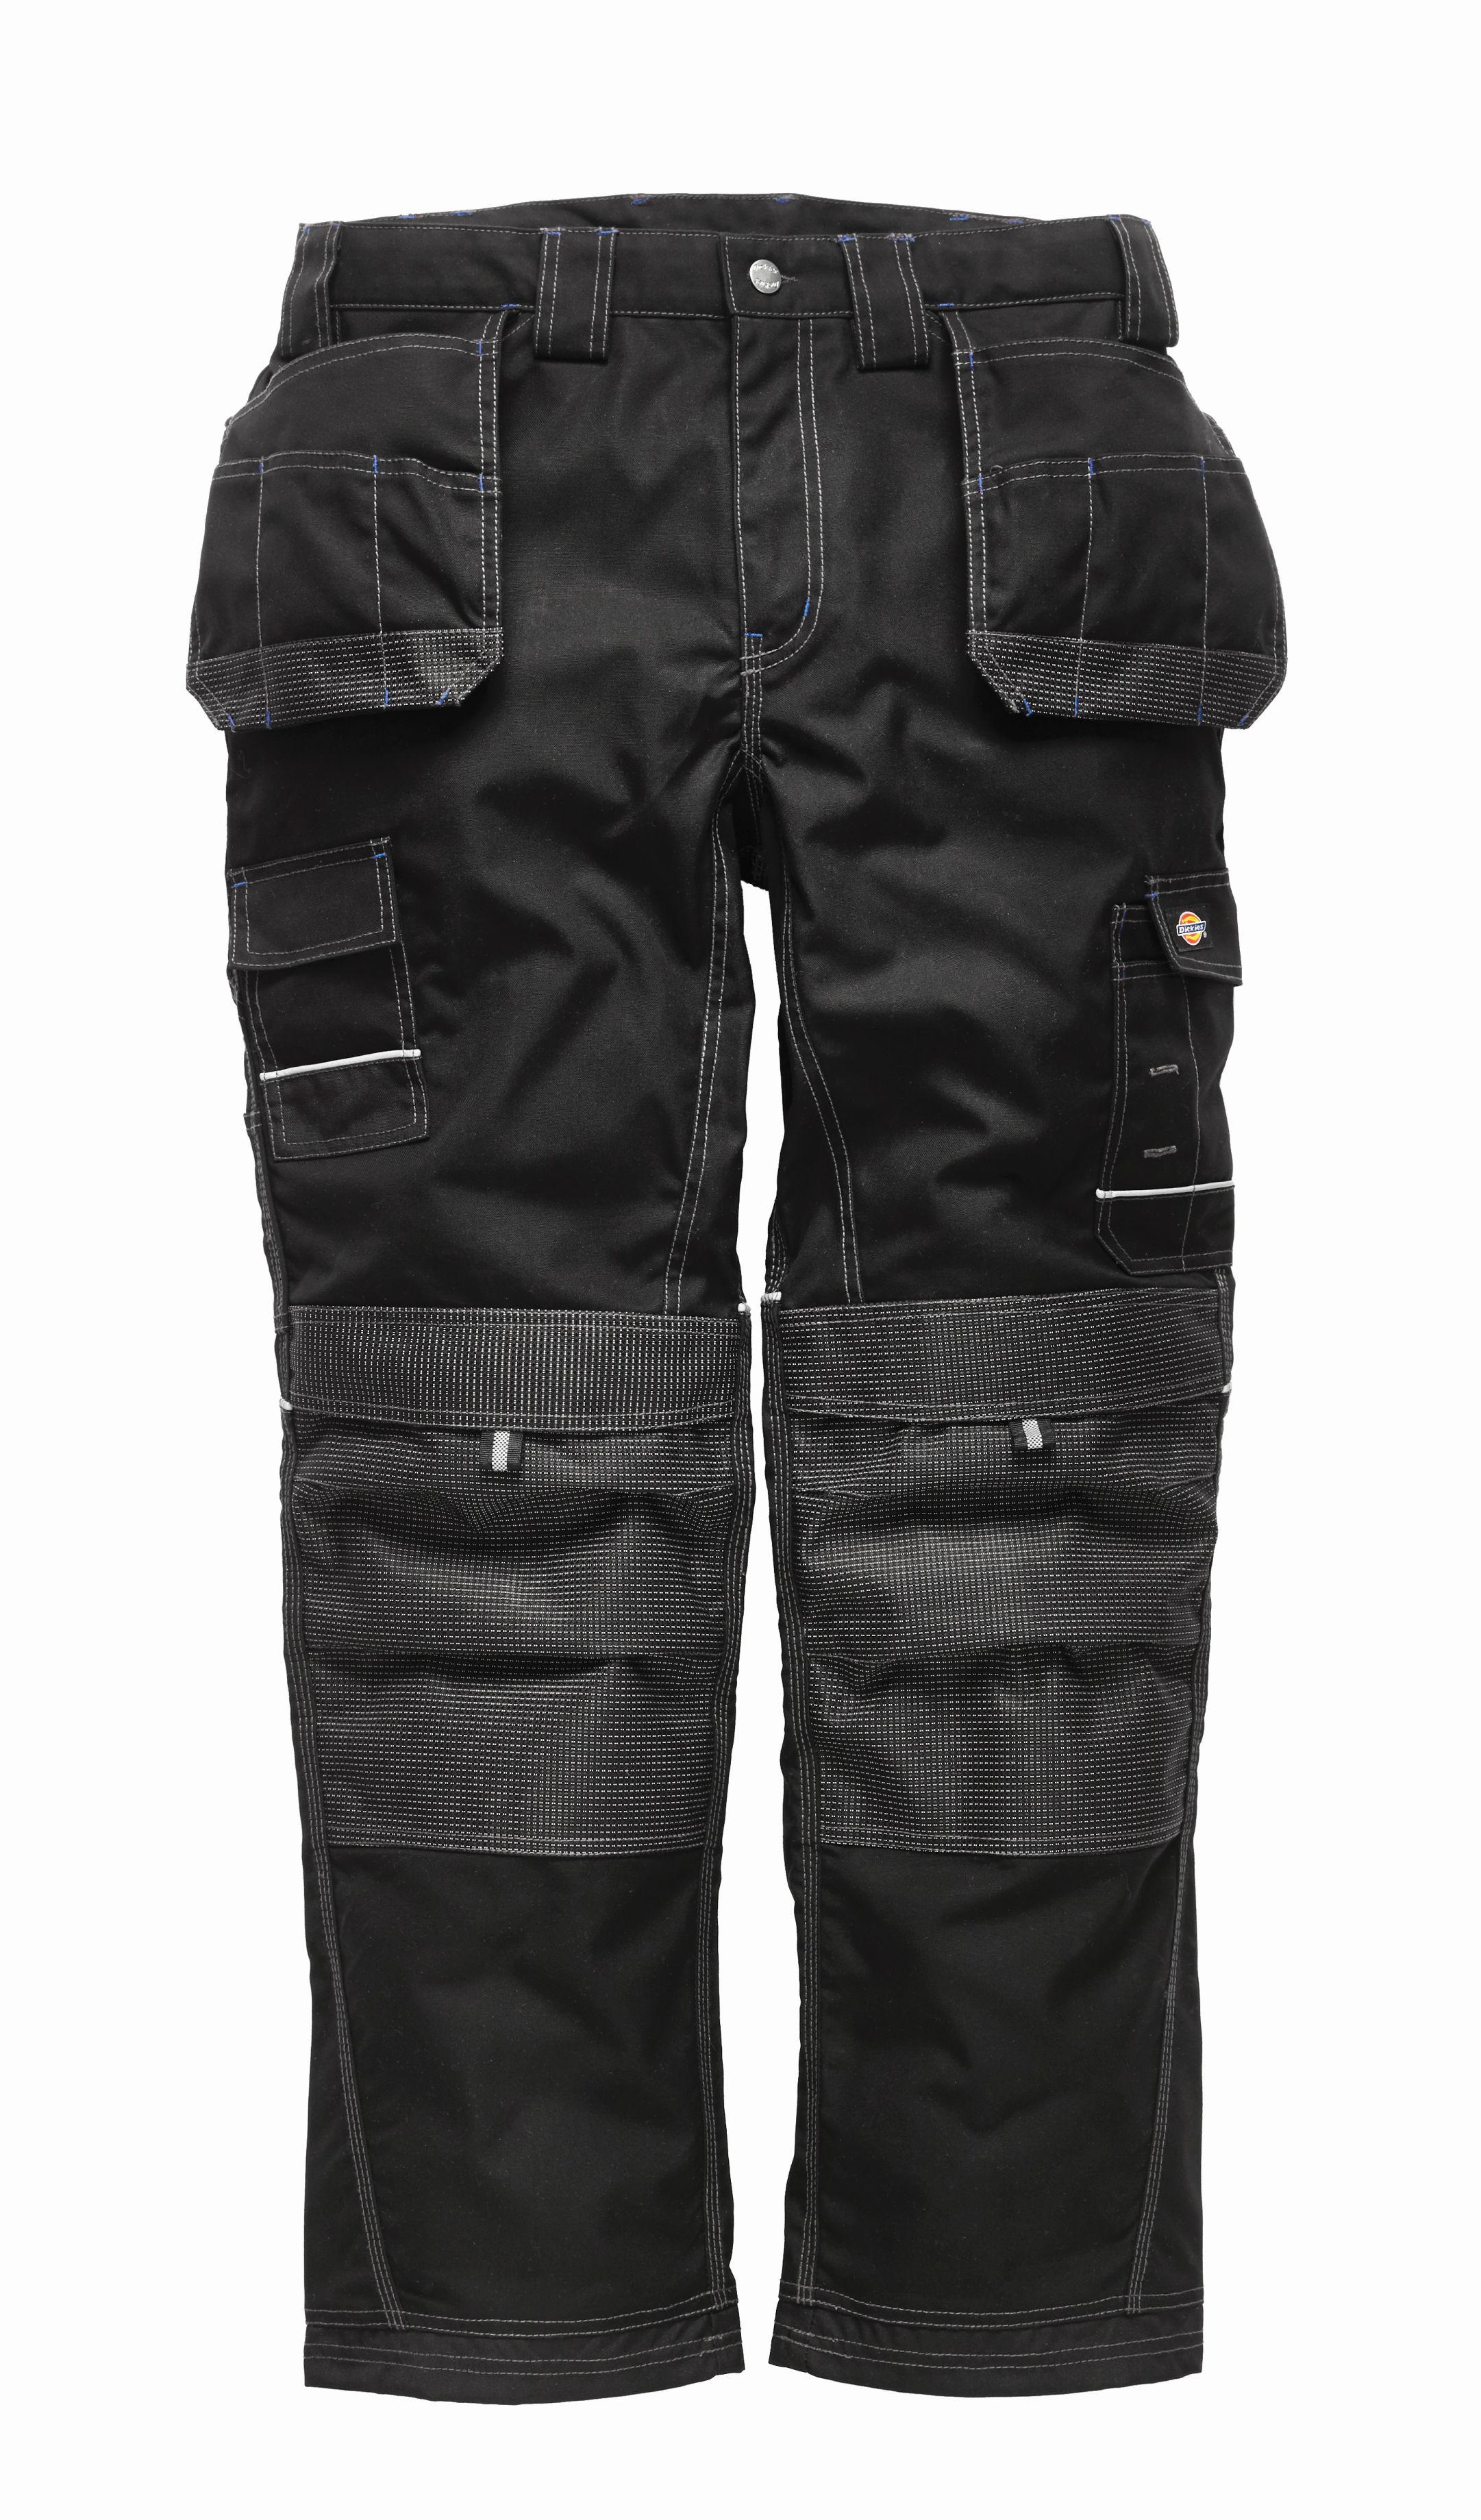 Spodnie robocze z kieszeniami